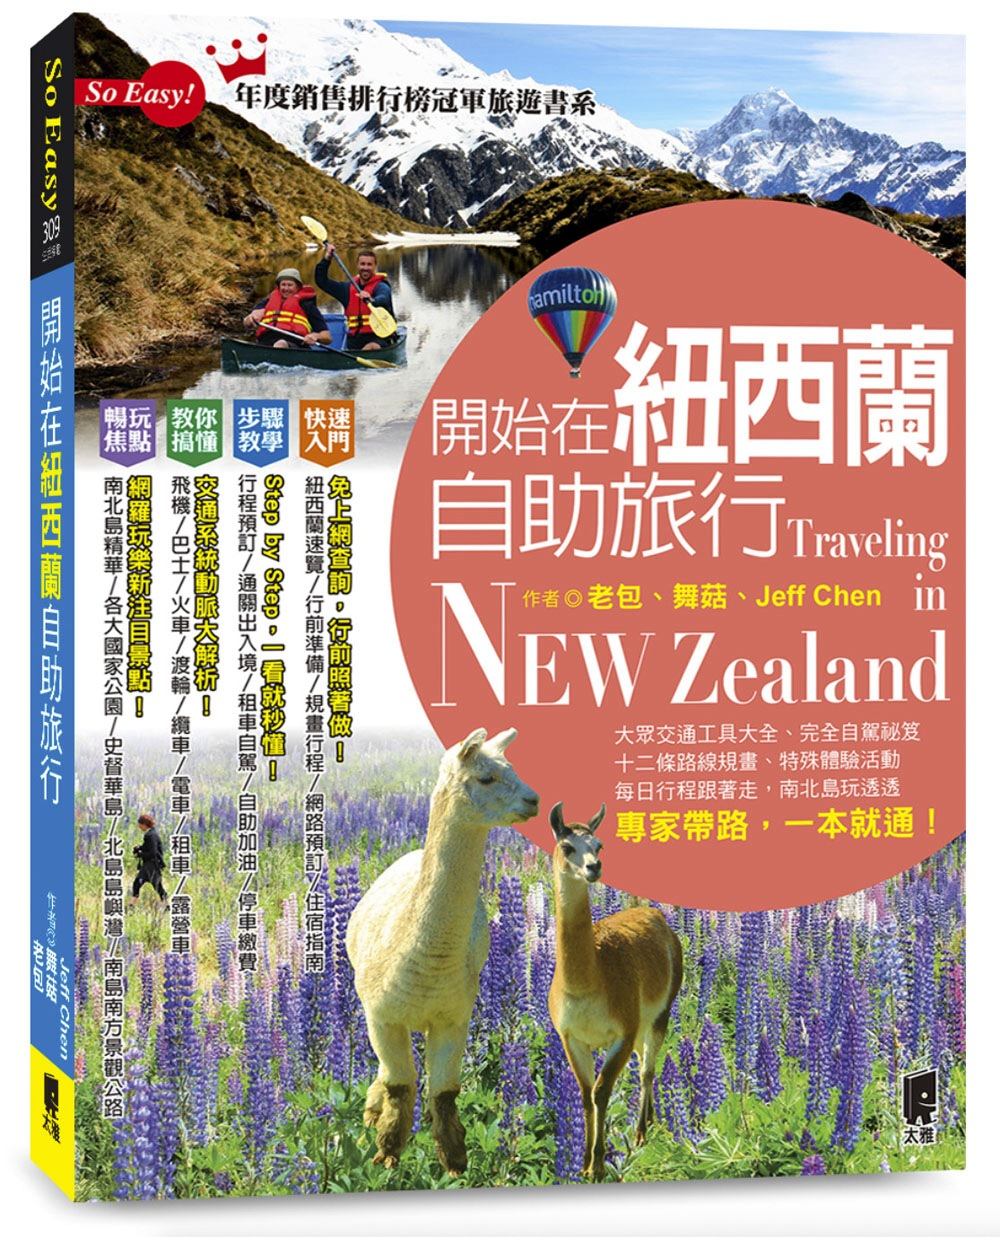 開始在紐西蘭自助旅行